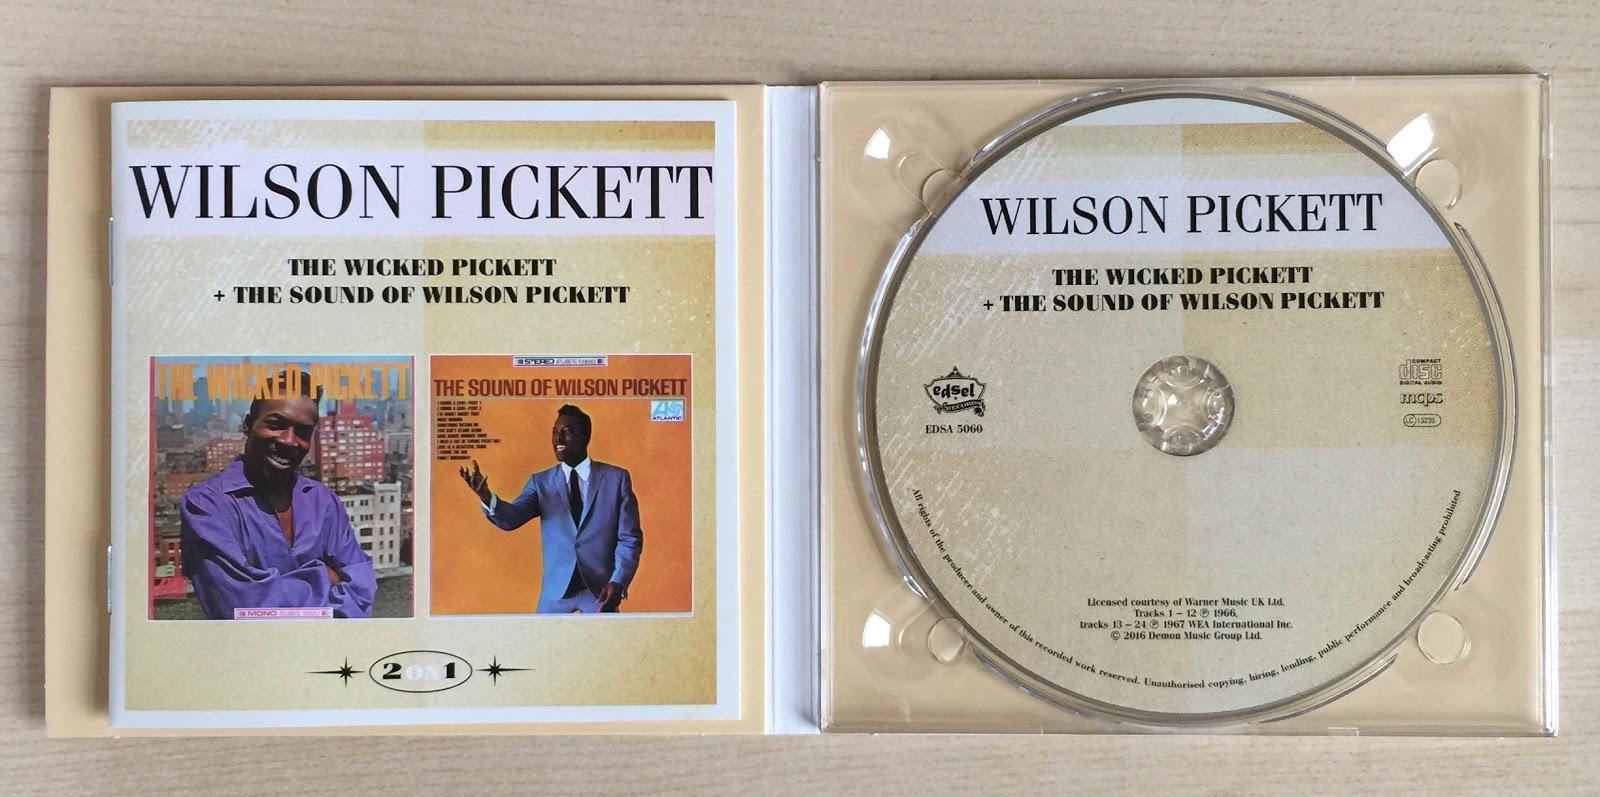 Wilson Pickett Mustang Sally